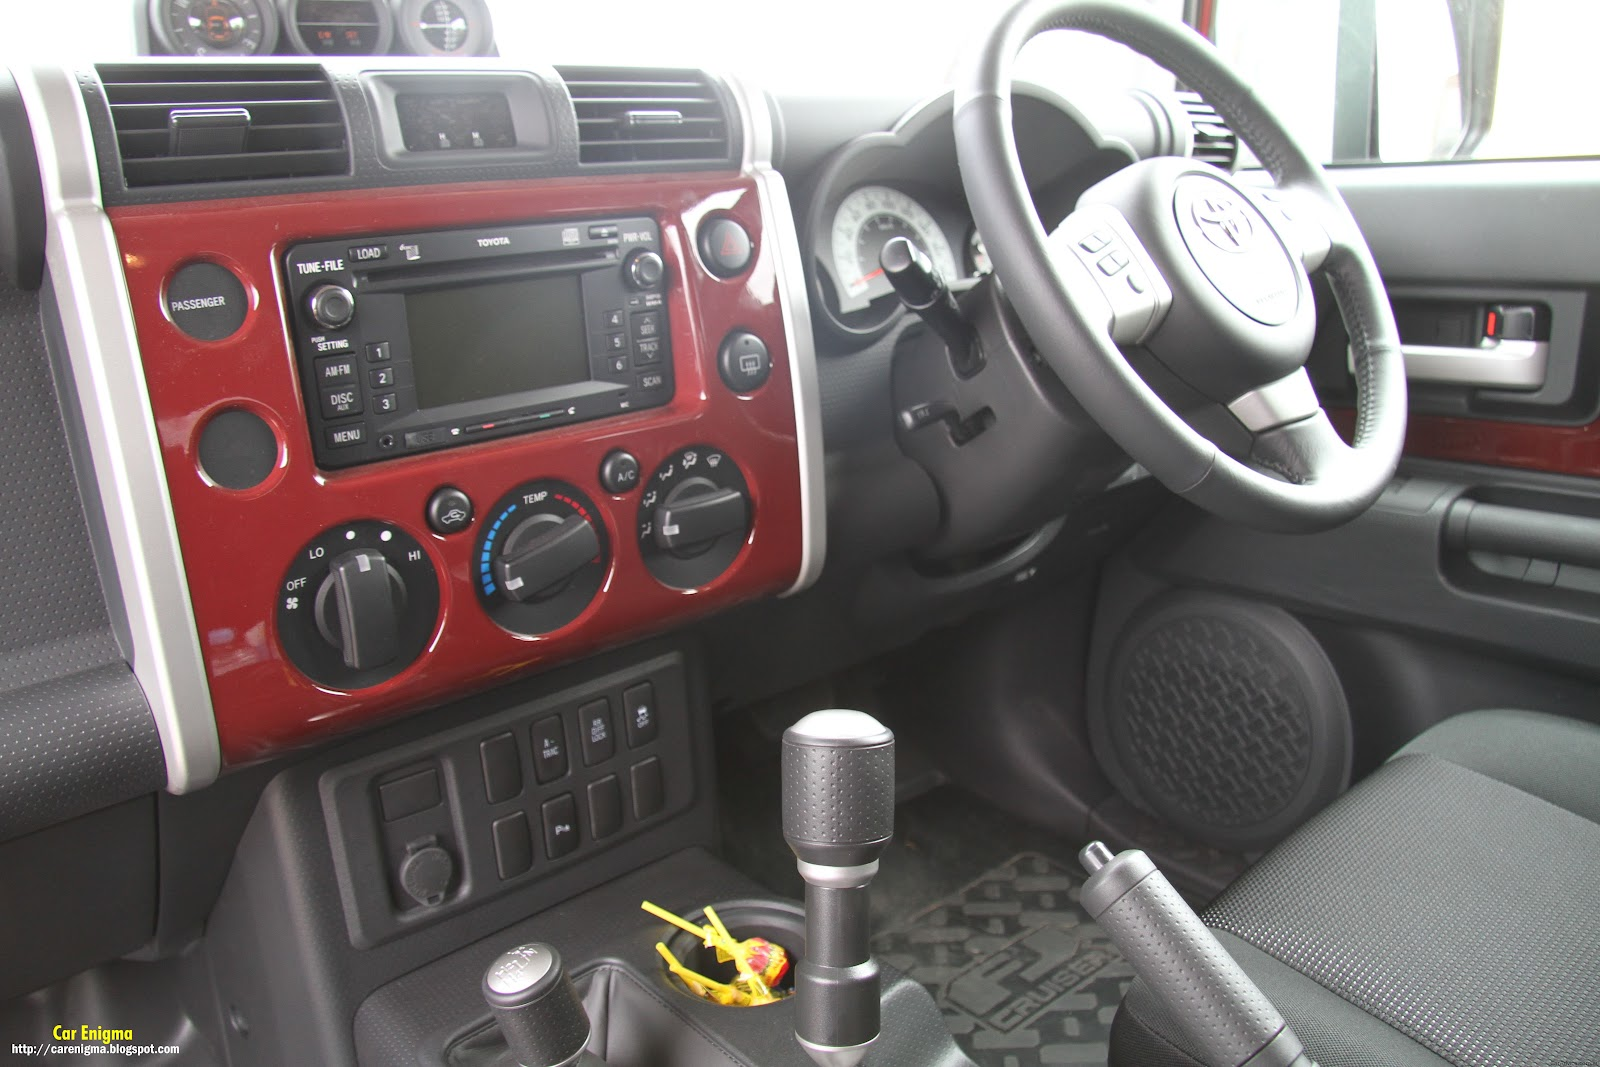 http://1.bp.blogspot.com/-ytF17IptU5o/T2bx3aJZPqI/AAAAAAAAAvo/T291VvTx970/s1600/Toyota_FJ_Maroon-Interior.jpg